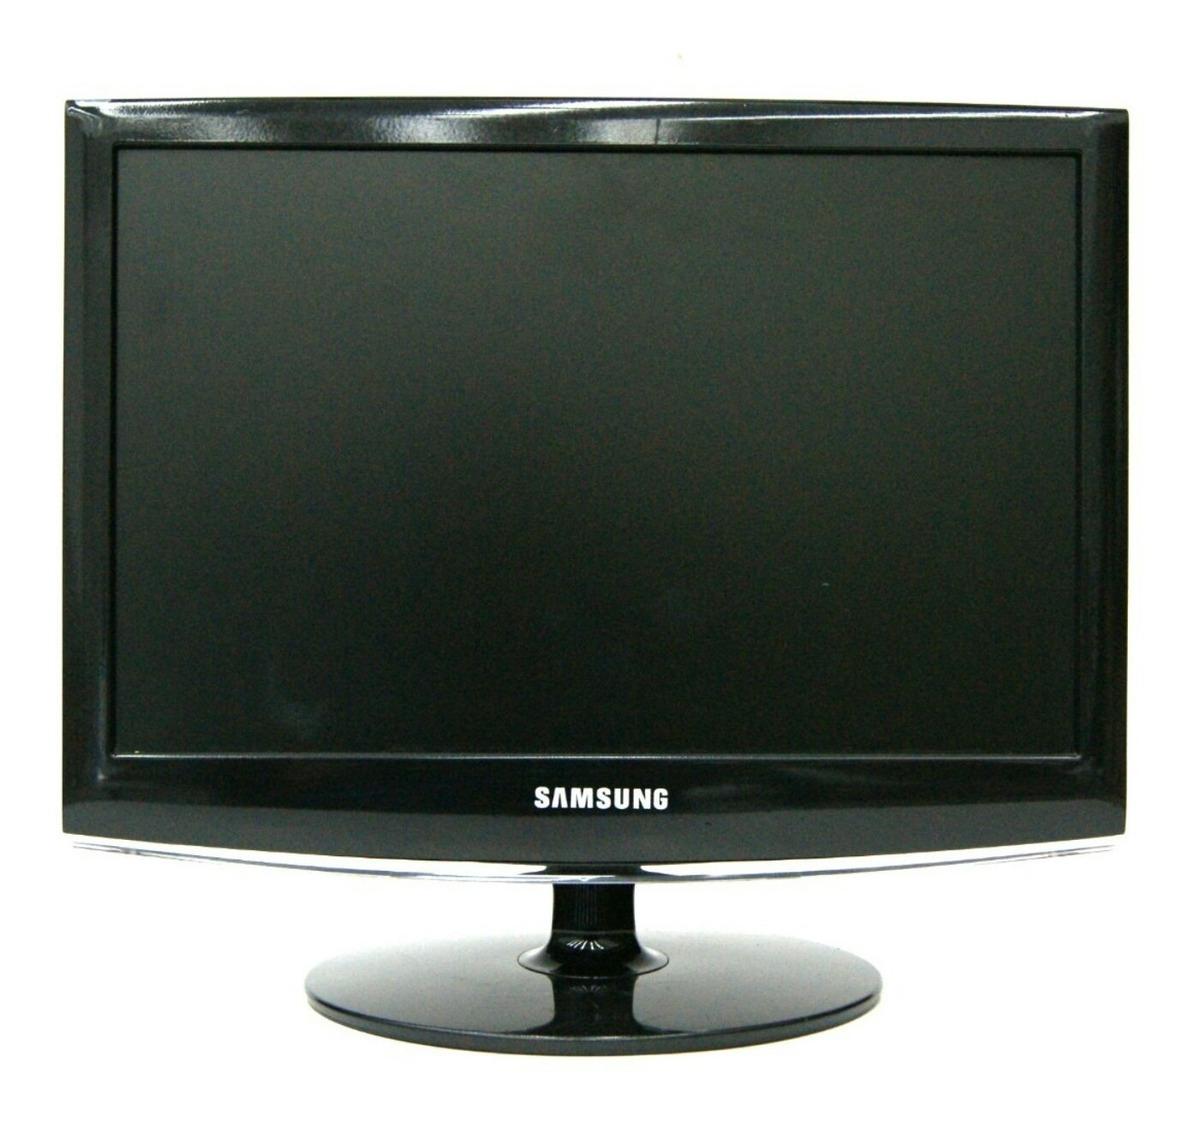 Monitor 17 Pulgadas De Diversas Marcas Hp, Dell, Samsung, LG - Bs.  22.330.000,00 en Mercado Libre